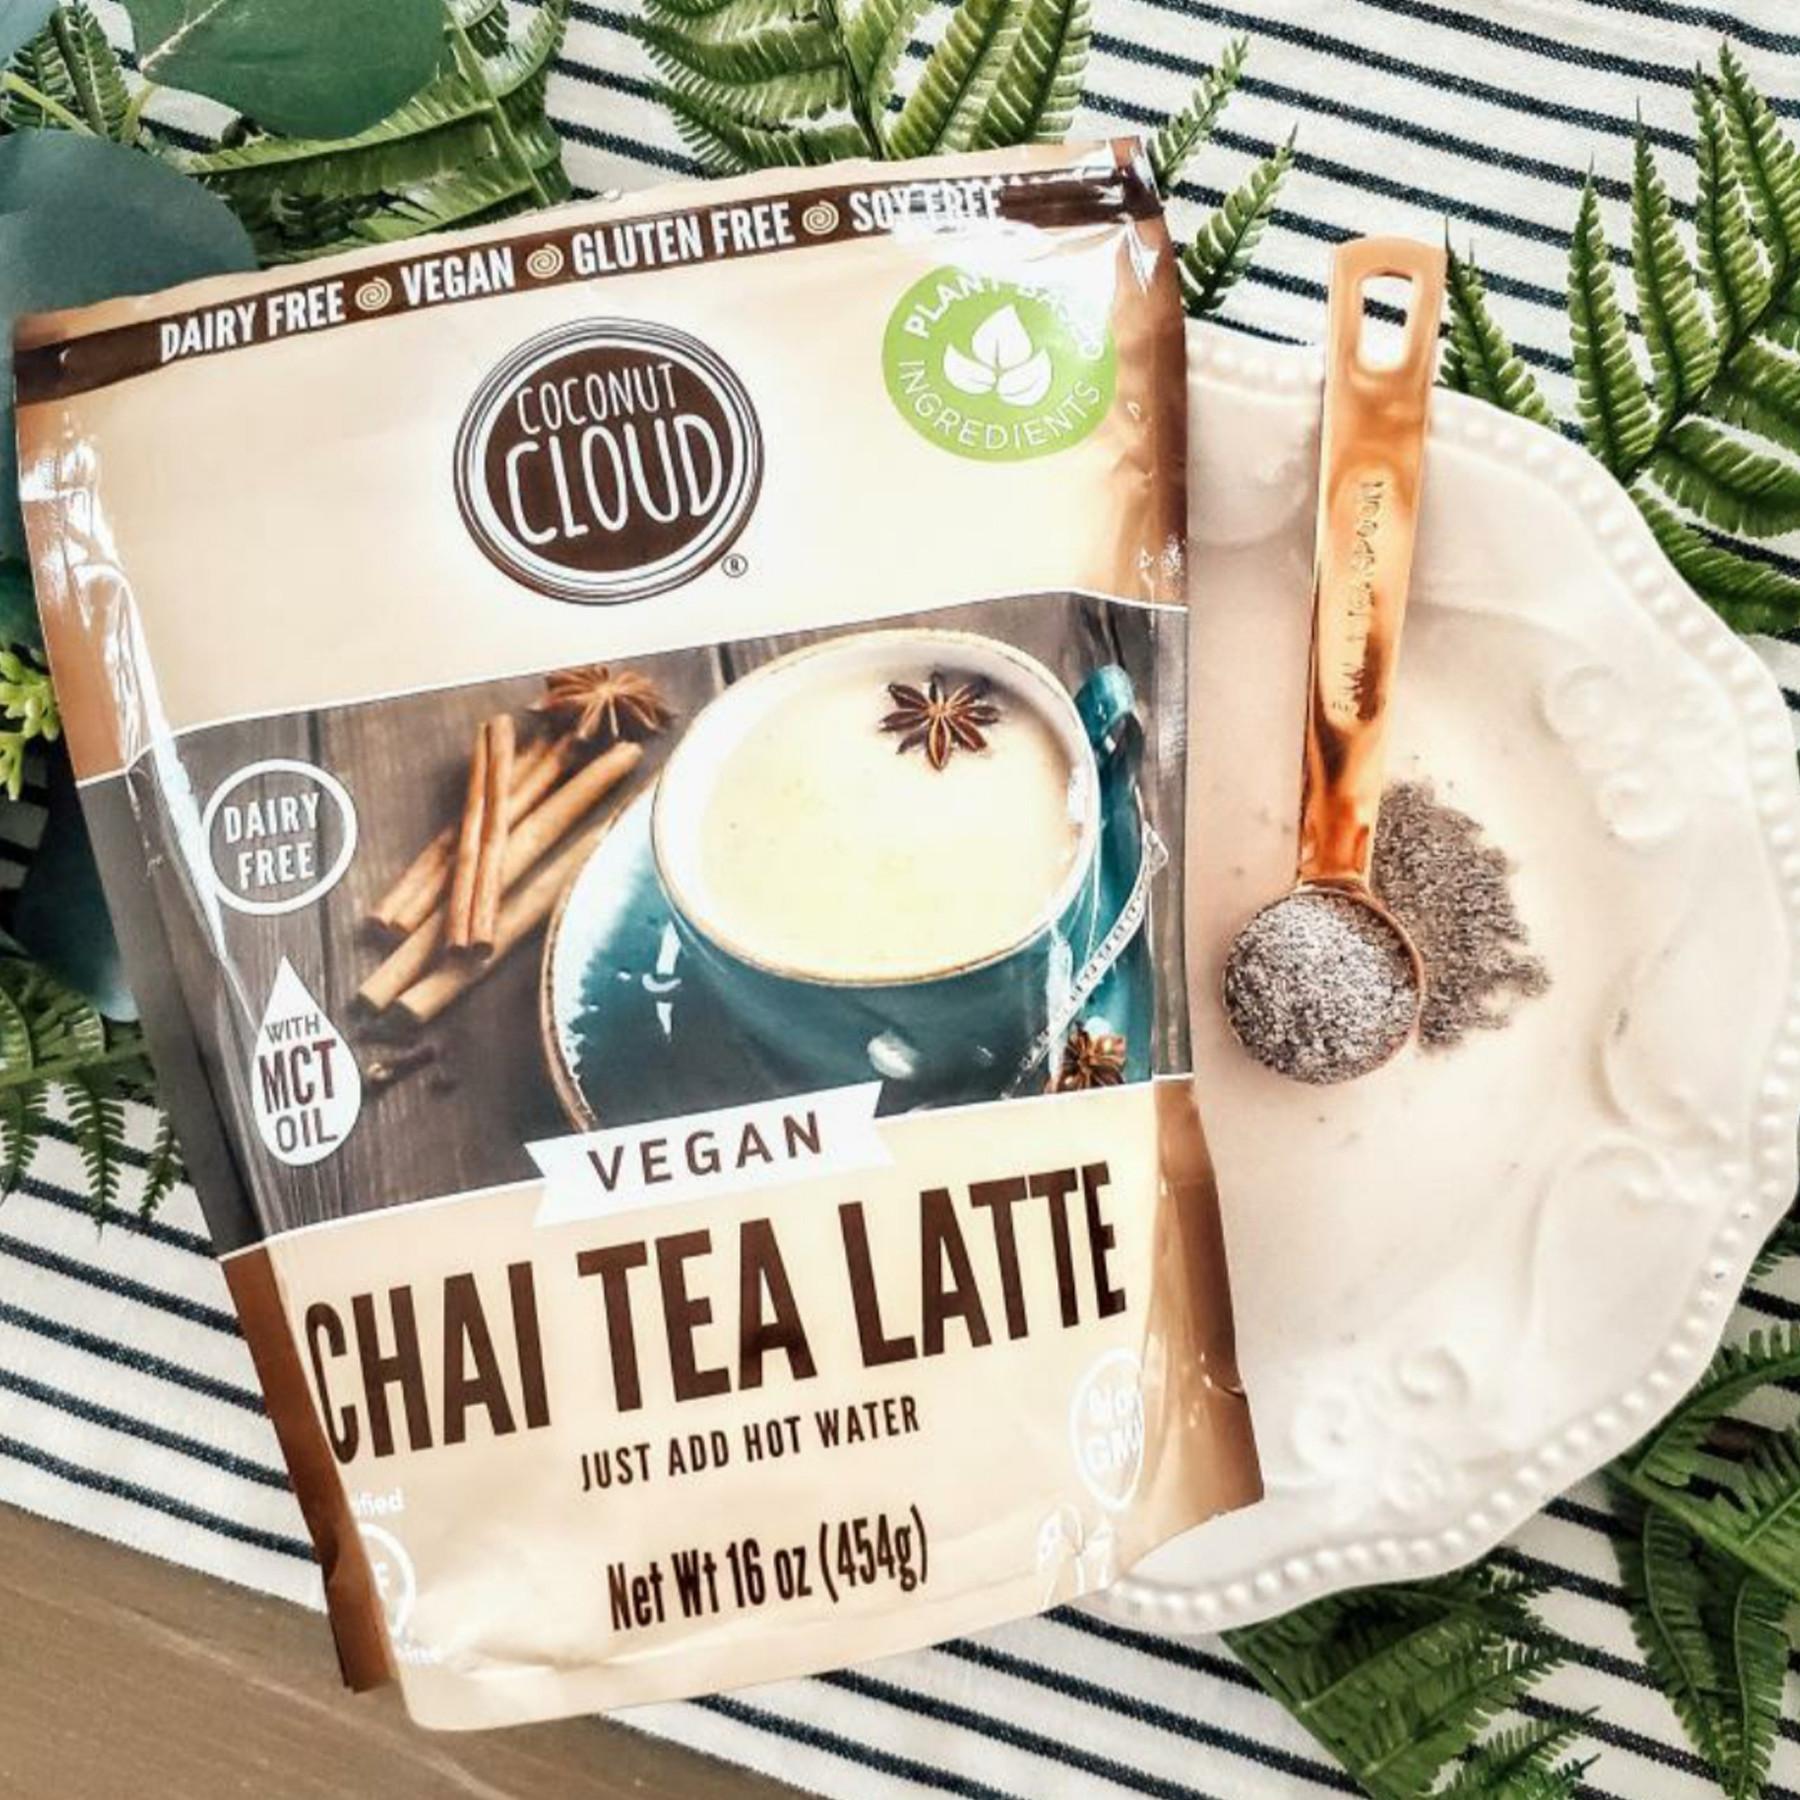 Coconut Cloud - Chai Tea Latte Mix